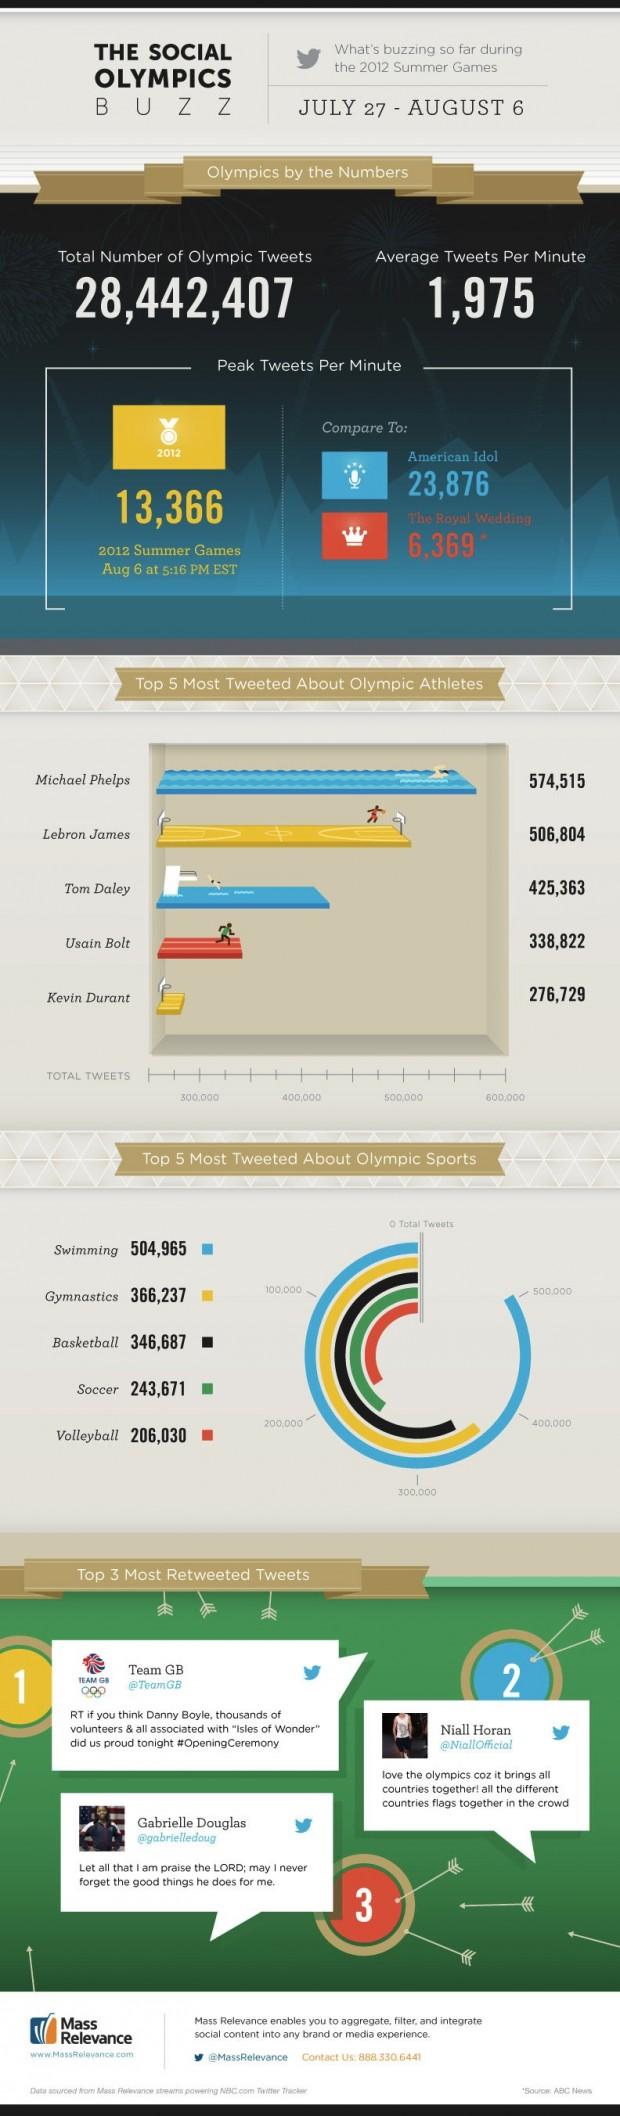 Олімпійські ігри зібрали майже 28,5 млн твітів (інфографіка)